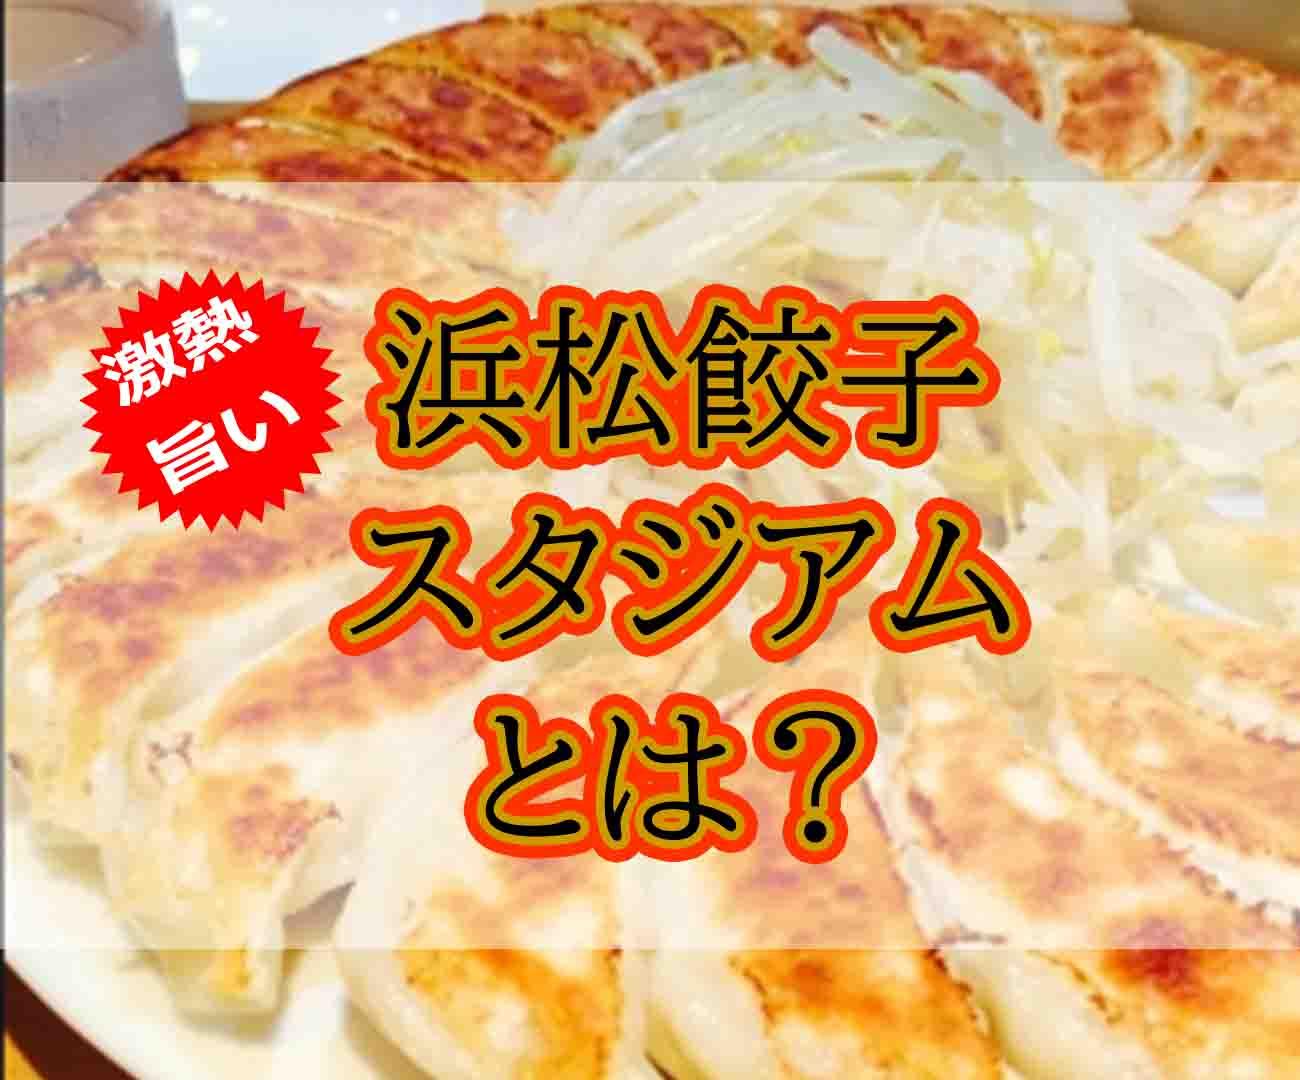 お持ち帰り浜松餃子スタジアム